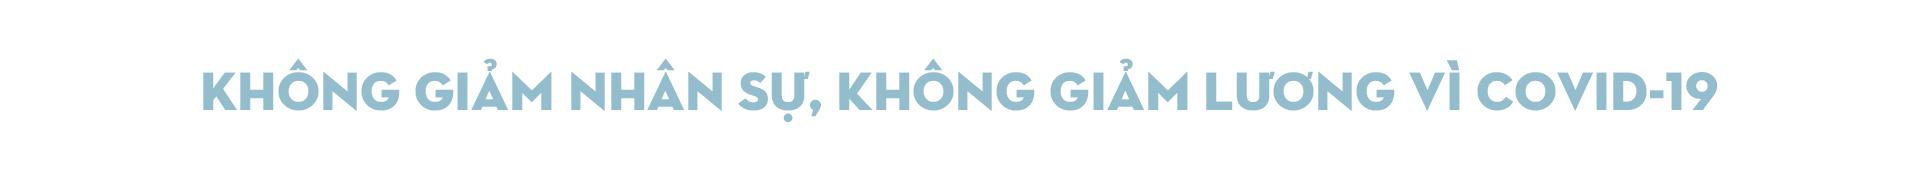 CEO Thắng Lợi Group: Vượt qua Covid-19 bằng cách đối mặt, dự kiến niêm yết HoSE giai đoạn 2021 - 2022 - Ảnh 1.